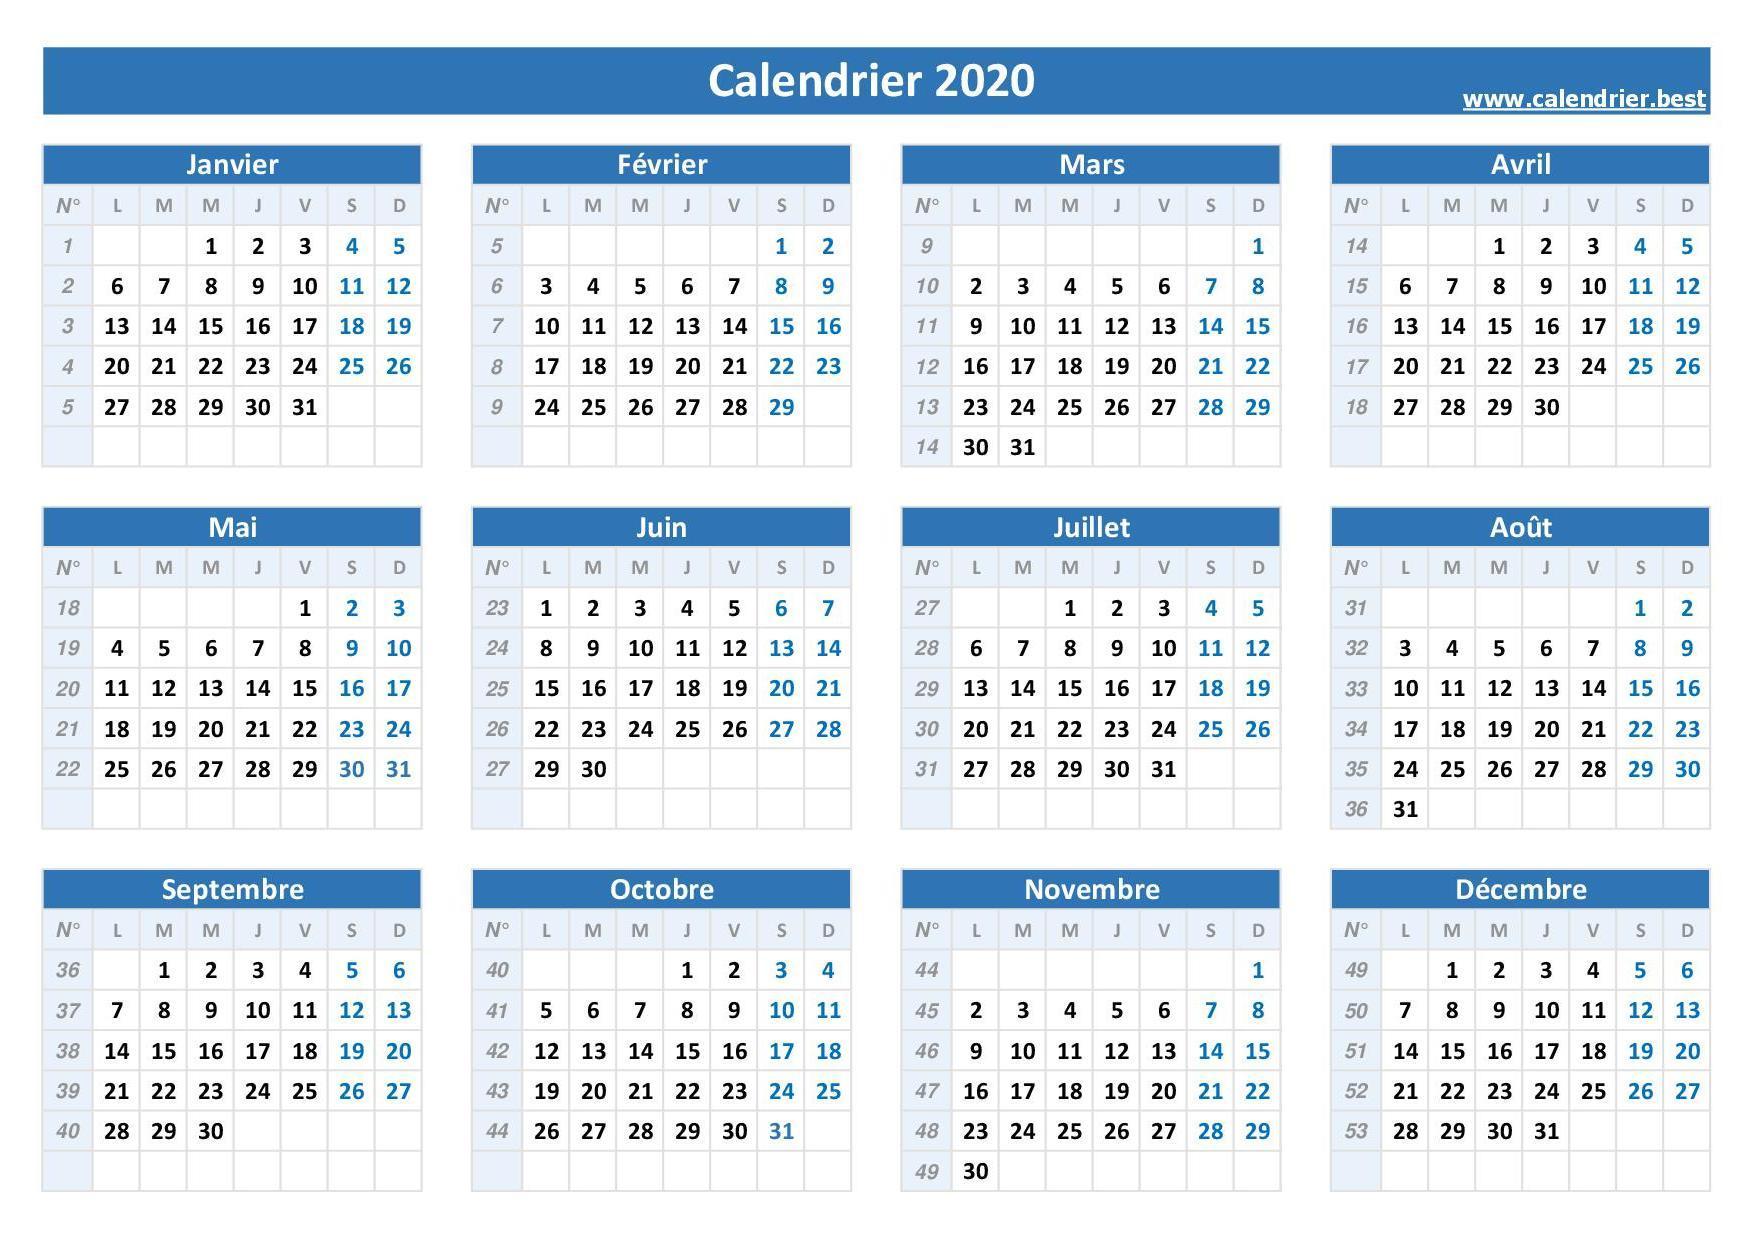 Semaine paire et impaire 2020  Calendrier.best